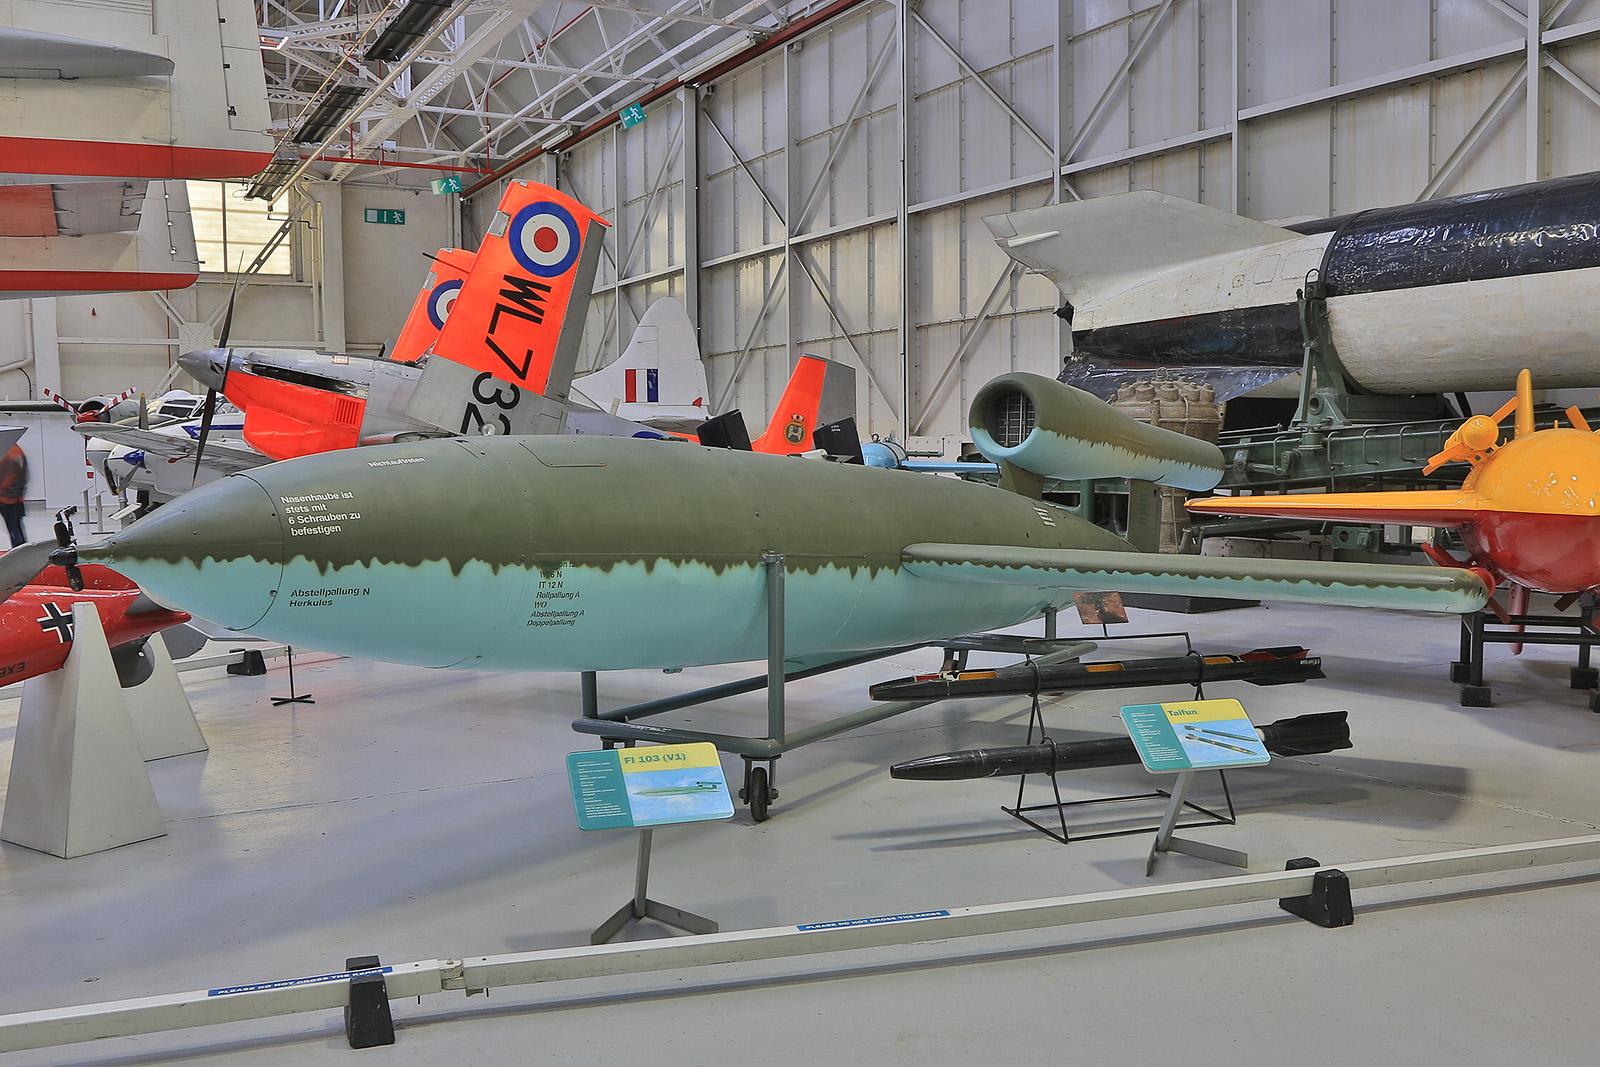 Die Fieseler Fi-103, besser bekannt als V-1.